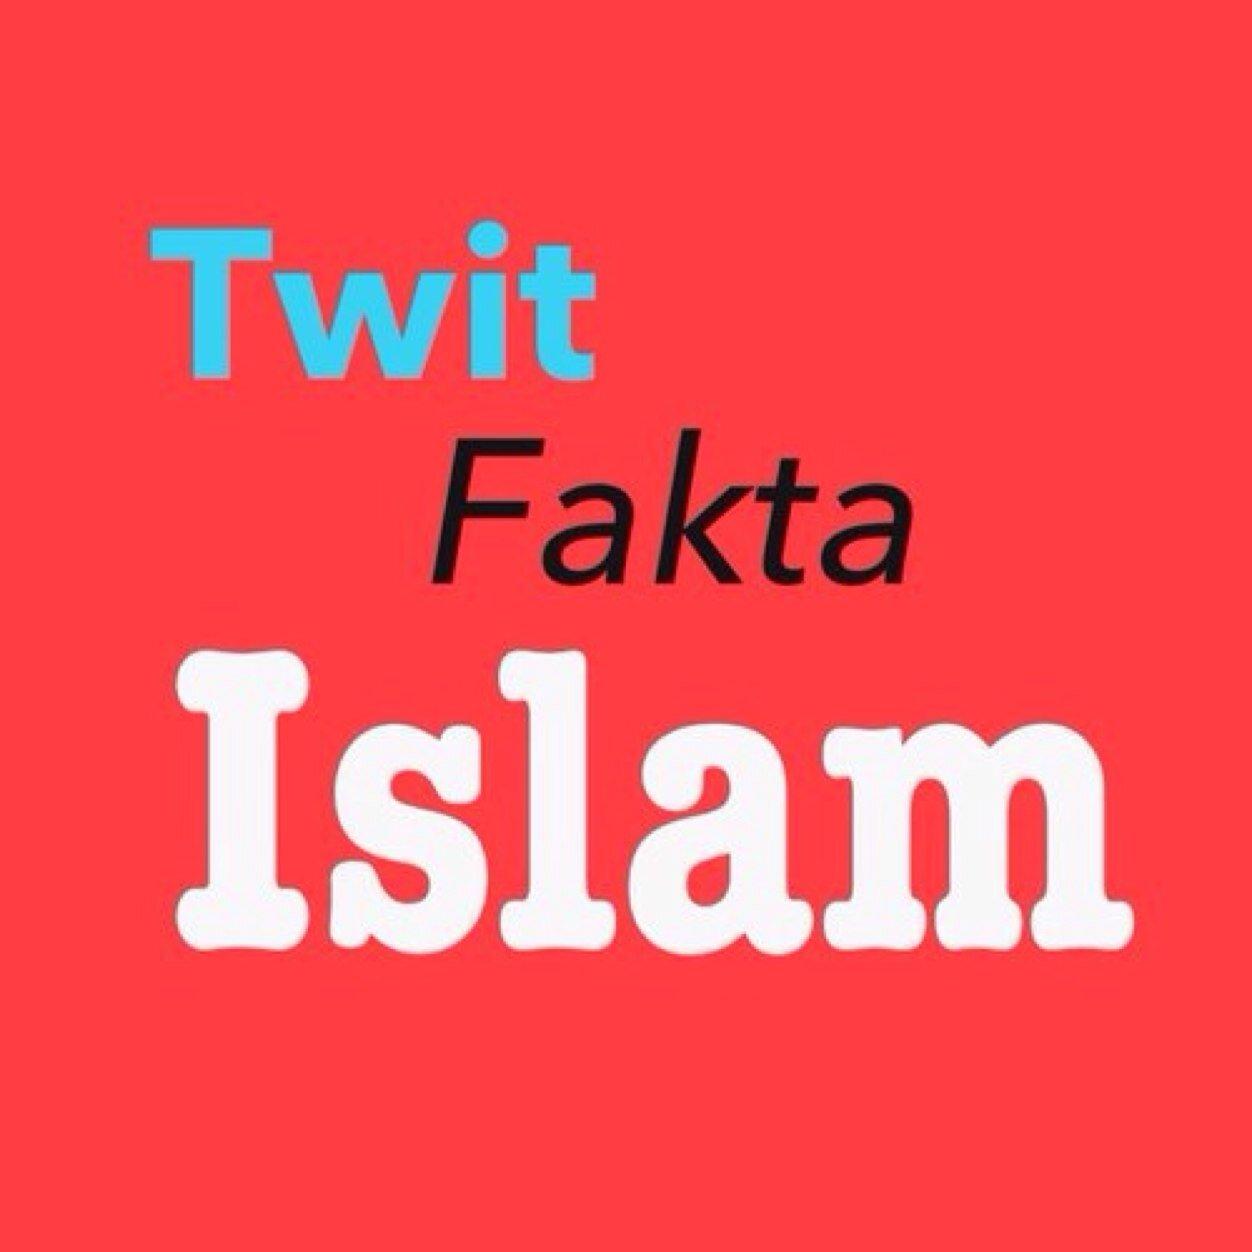 @TwitFaktaIslam